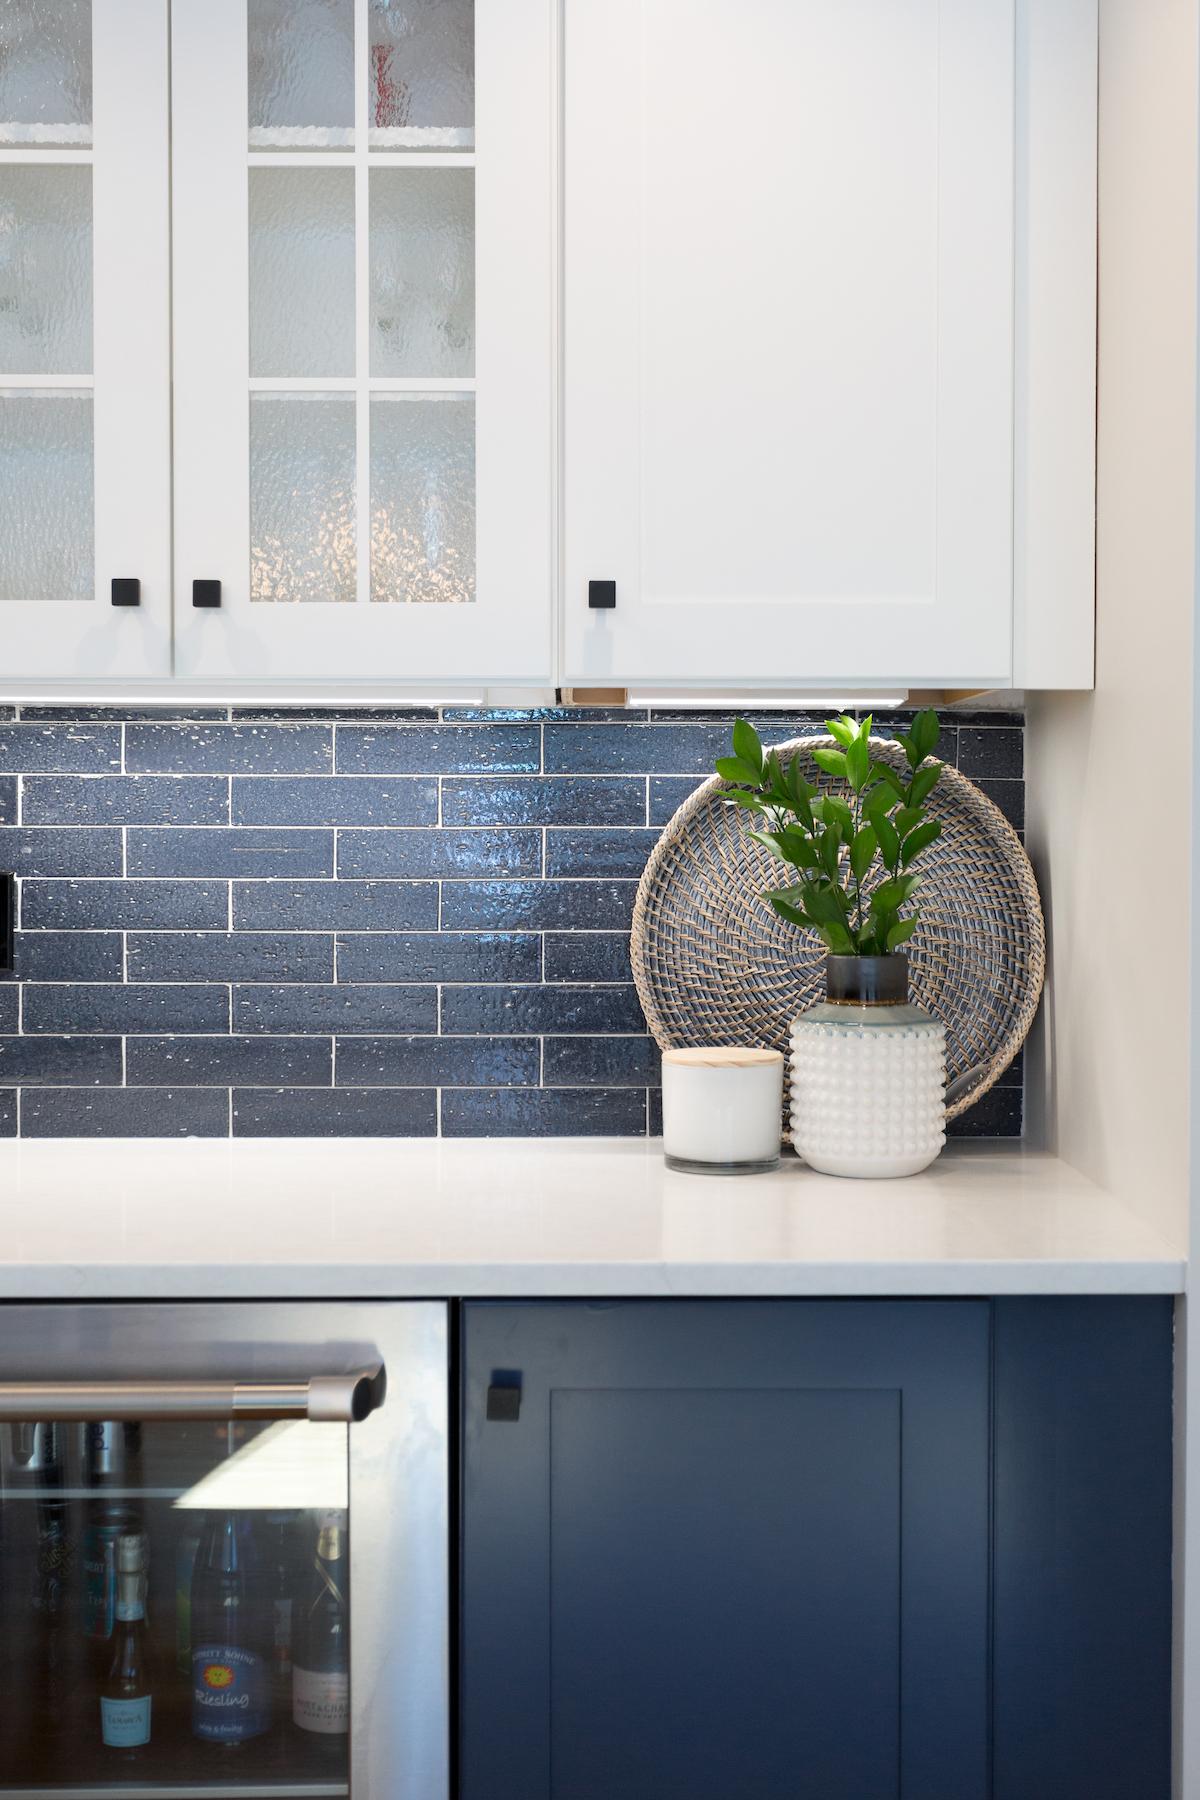 Blue Tile Backsplash In Kitchen Renovation